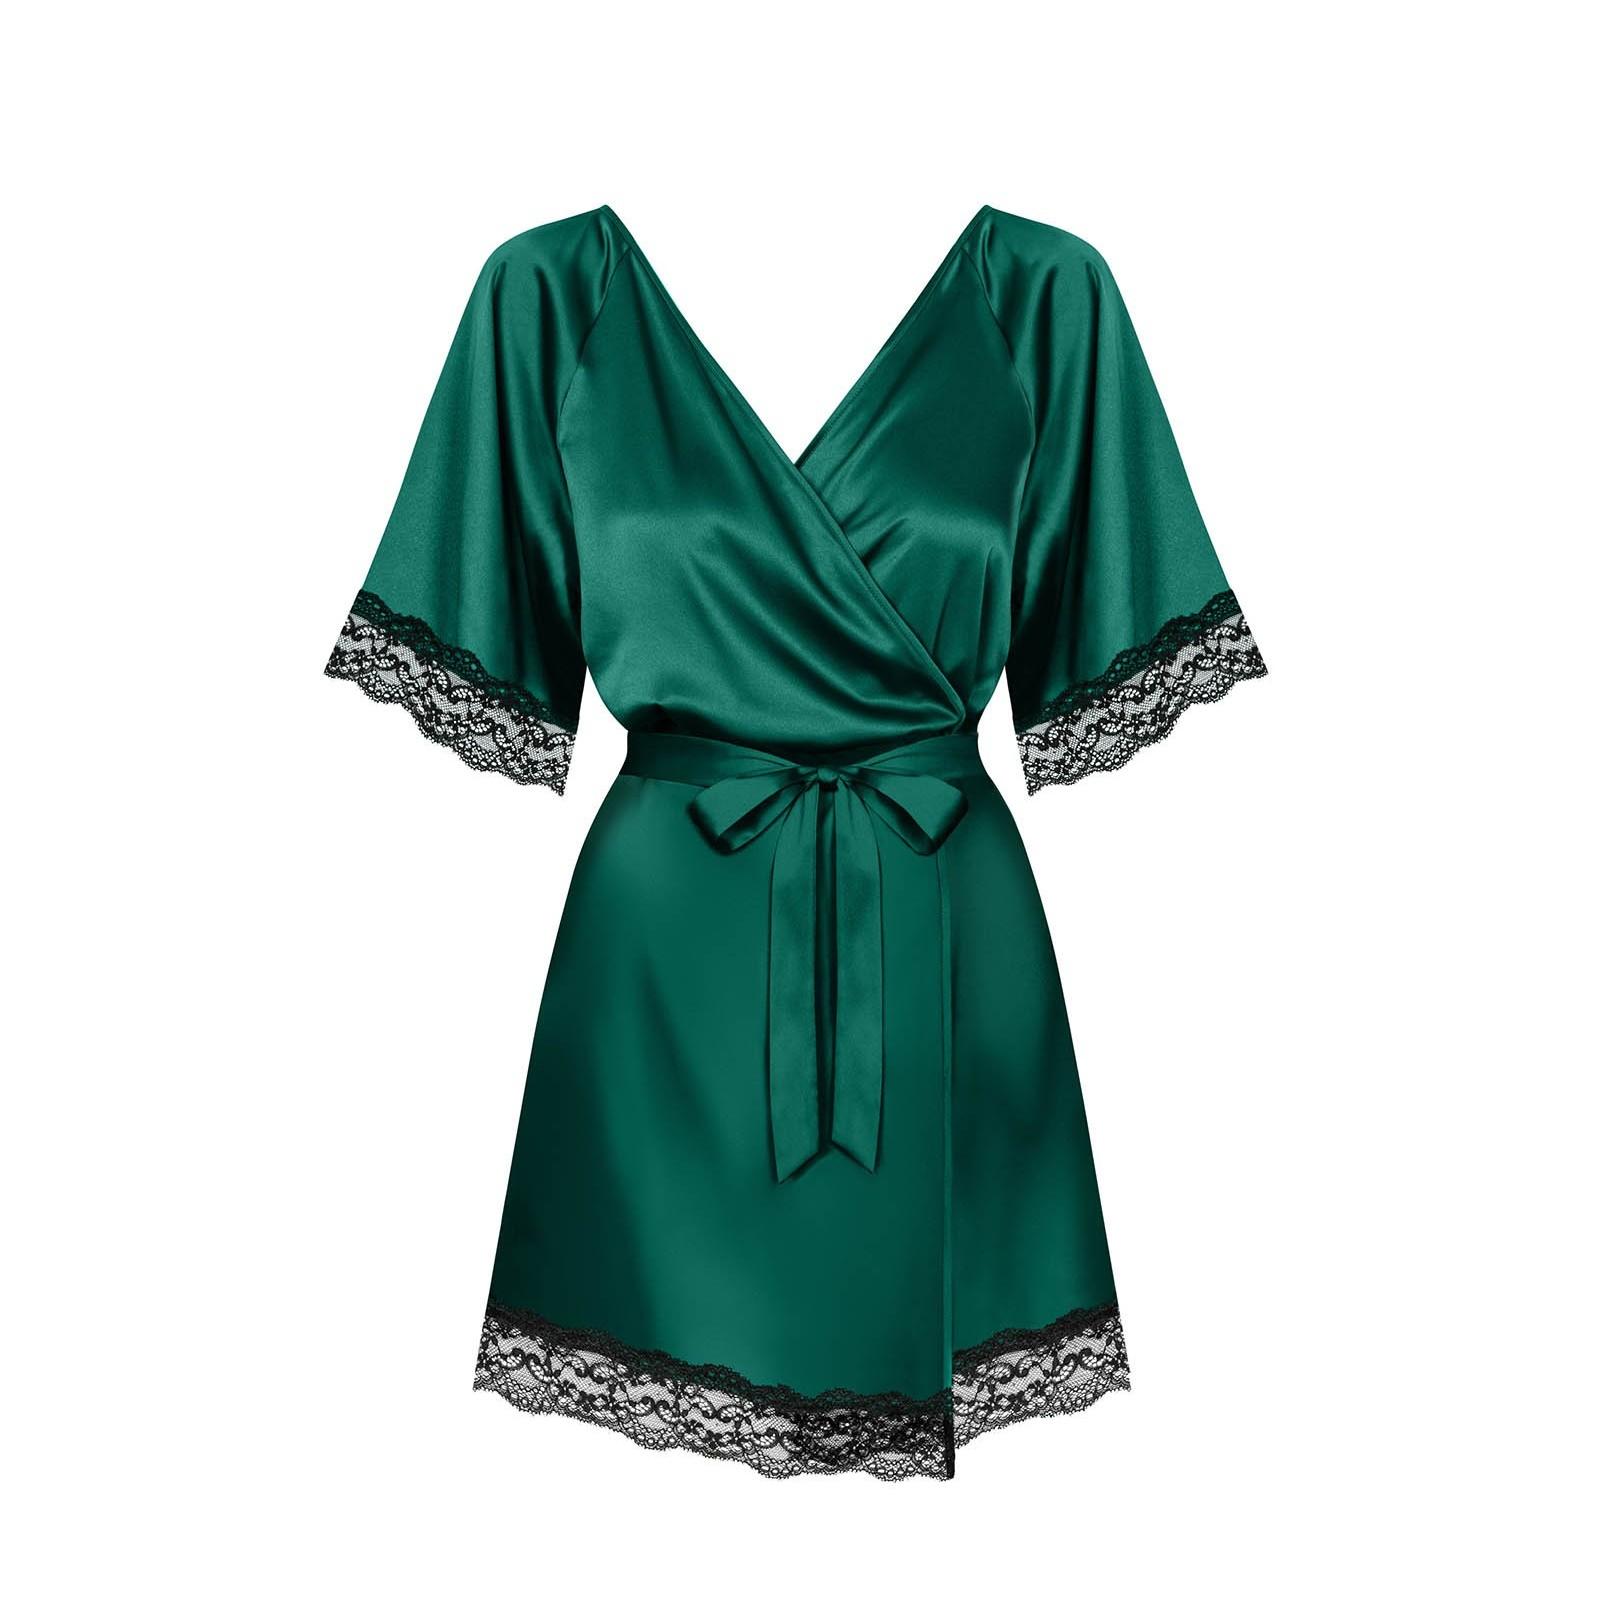 Sensuelia Robe grün - 5 - Vorschaubild